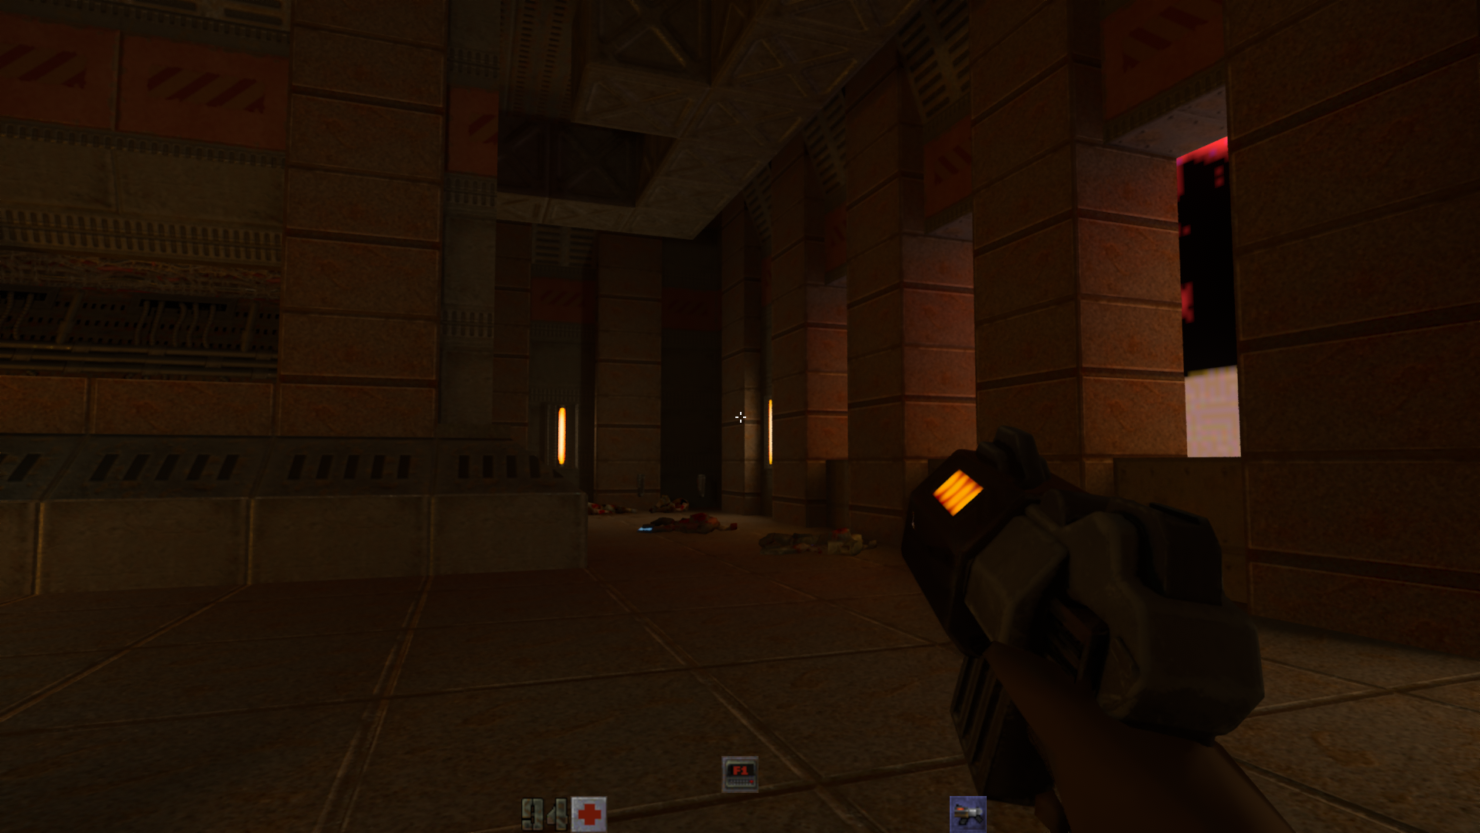 quake-2-rtx-remaster-screenshot-2019-06-06-19-49-51-06